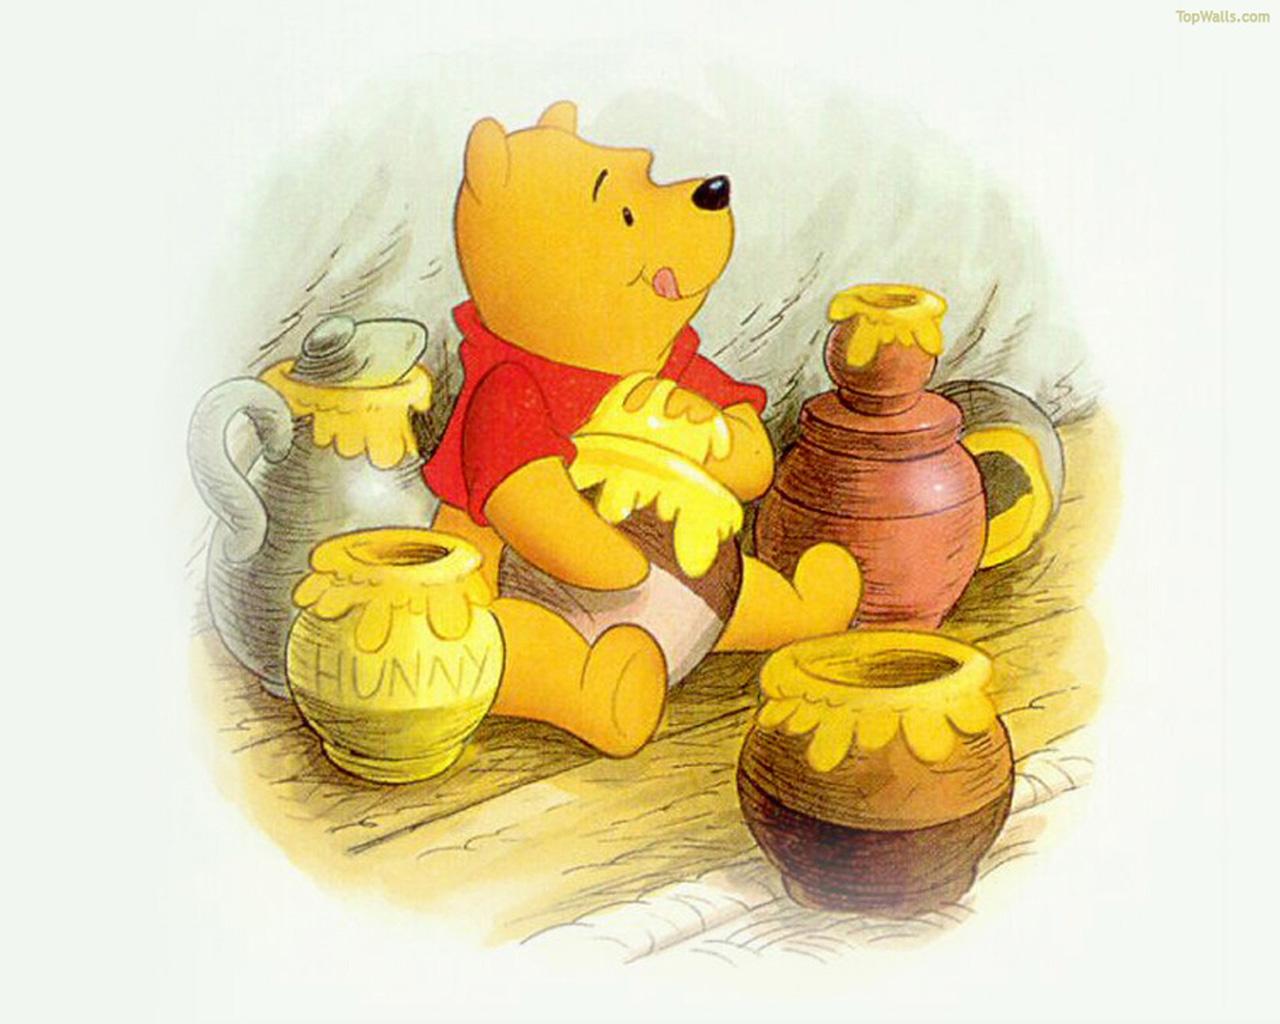 Winnie the Pooh Wallpaper-51